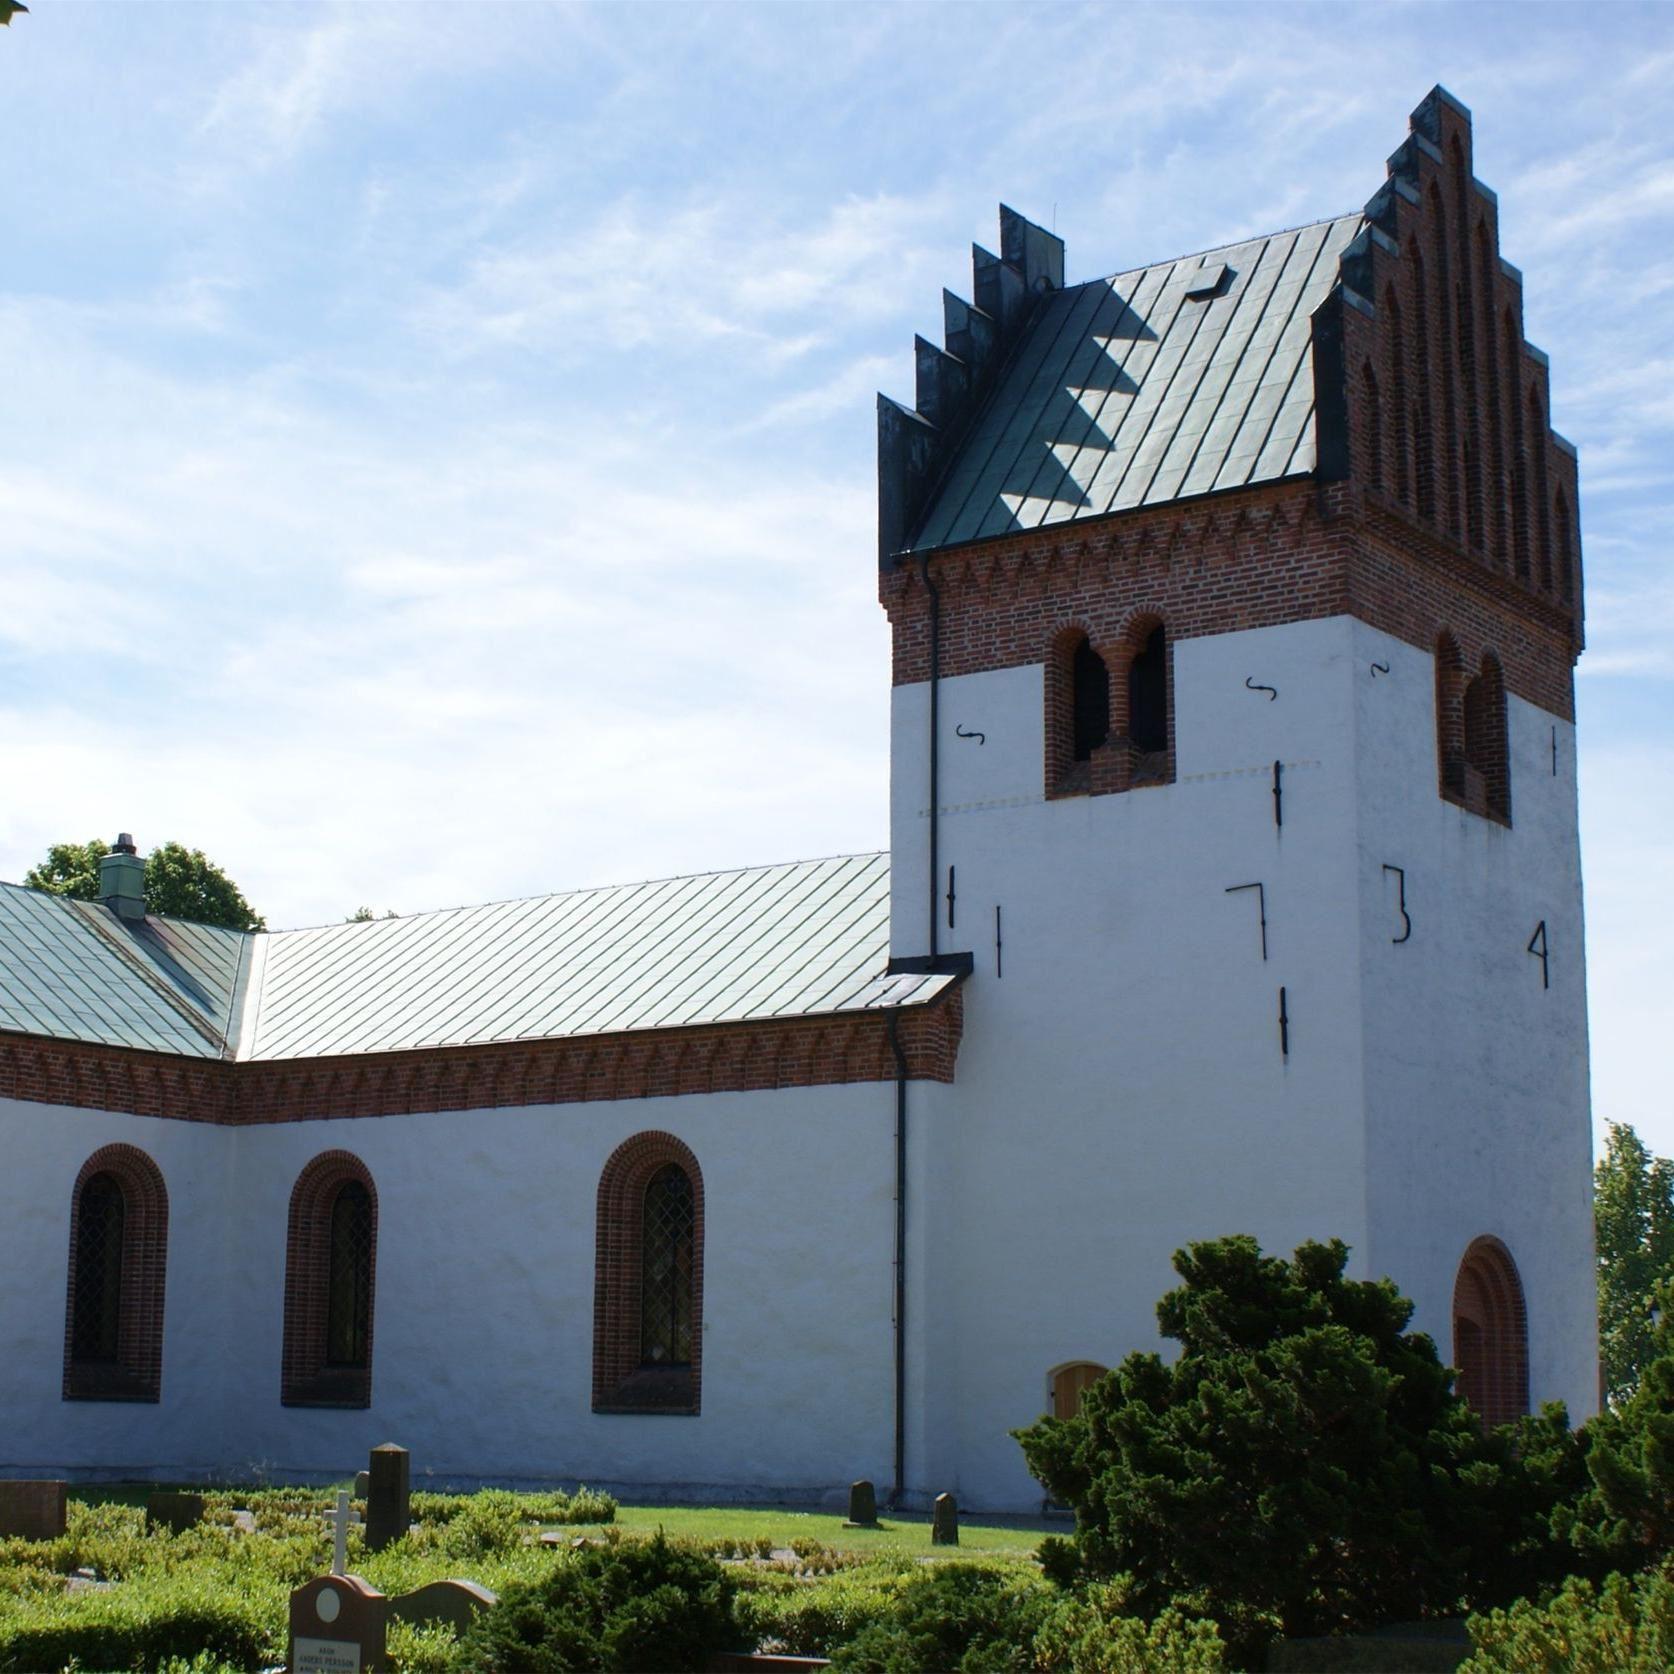 © Kävlinge församling, Stora Harrie church